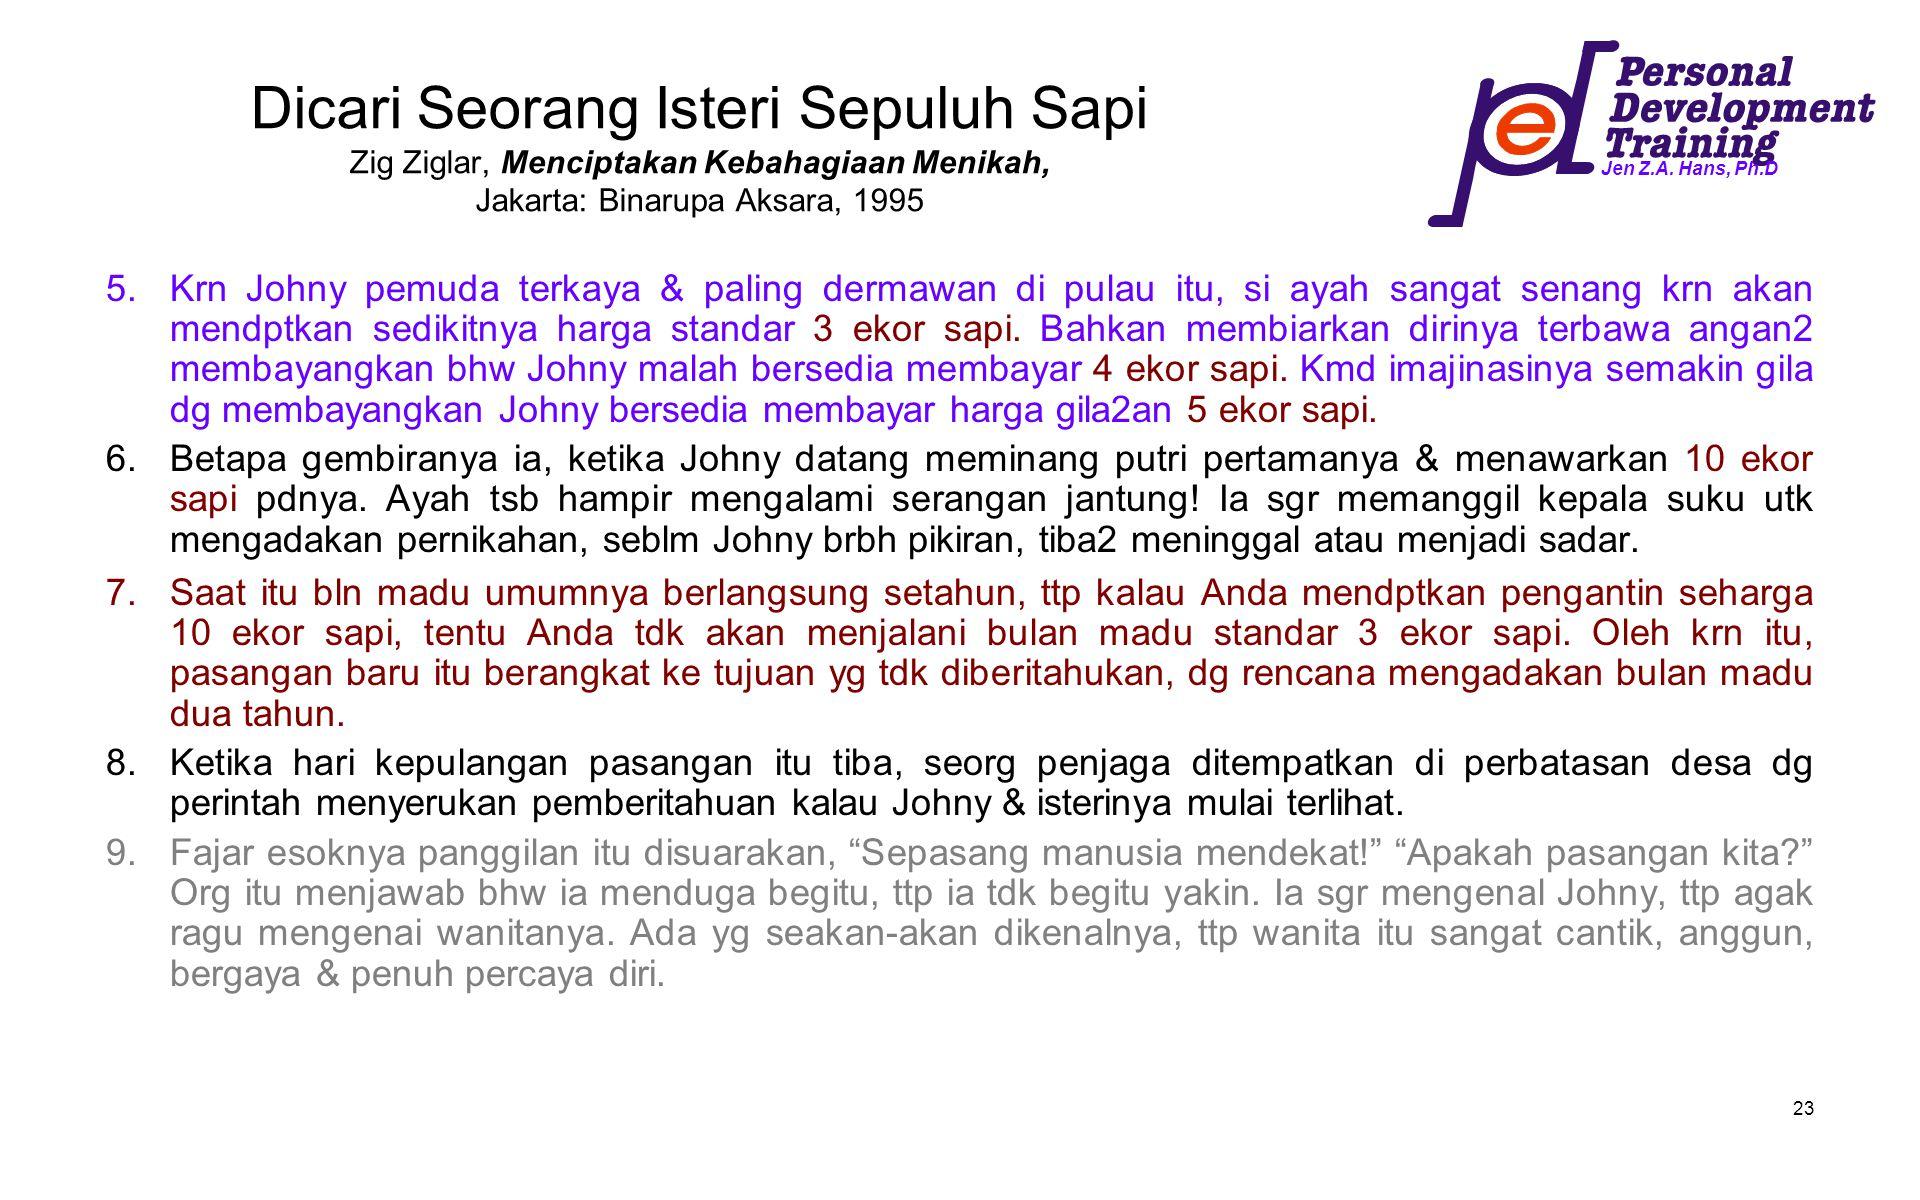 Dicari Seorang Isteri Sepuluh Sapi Zig Ziglar, Menciptakan Kebahagiaan Menikah, Jakarta: Binarupa Aksara, 1995